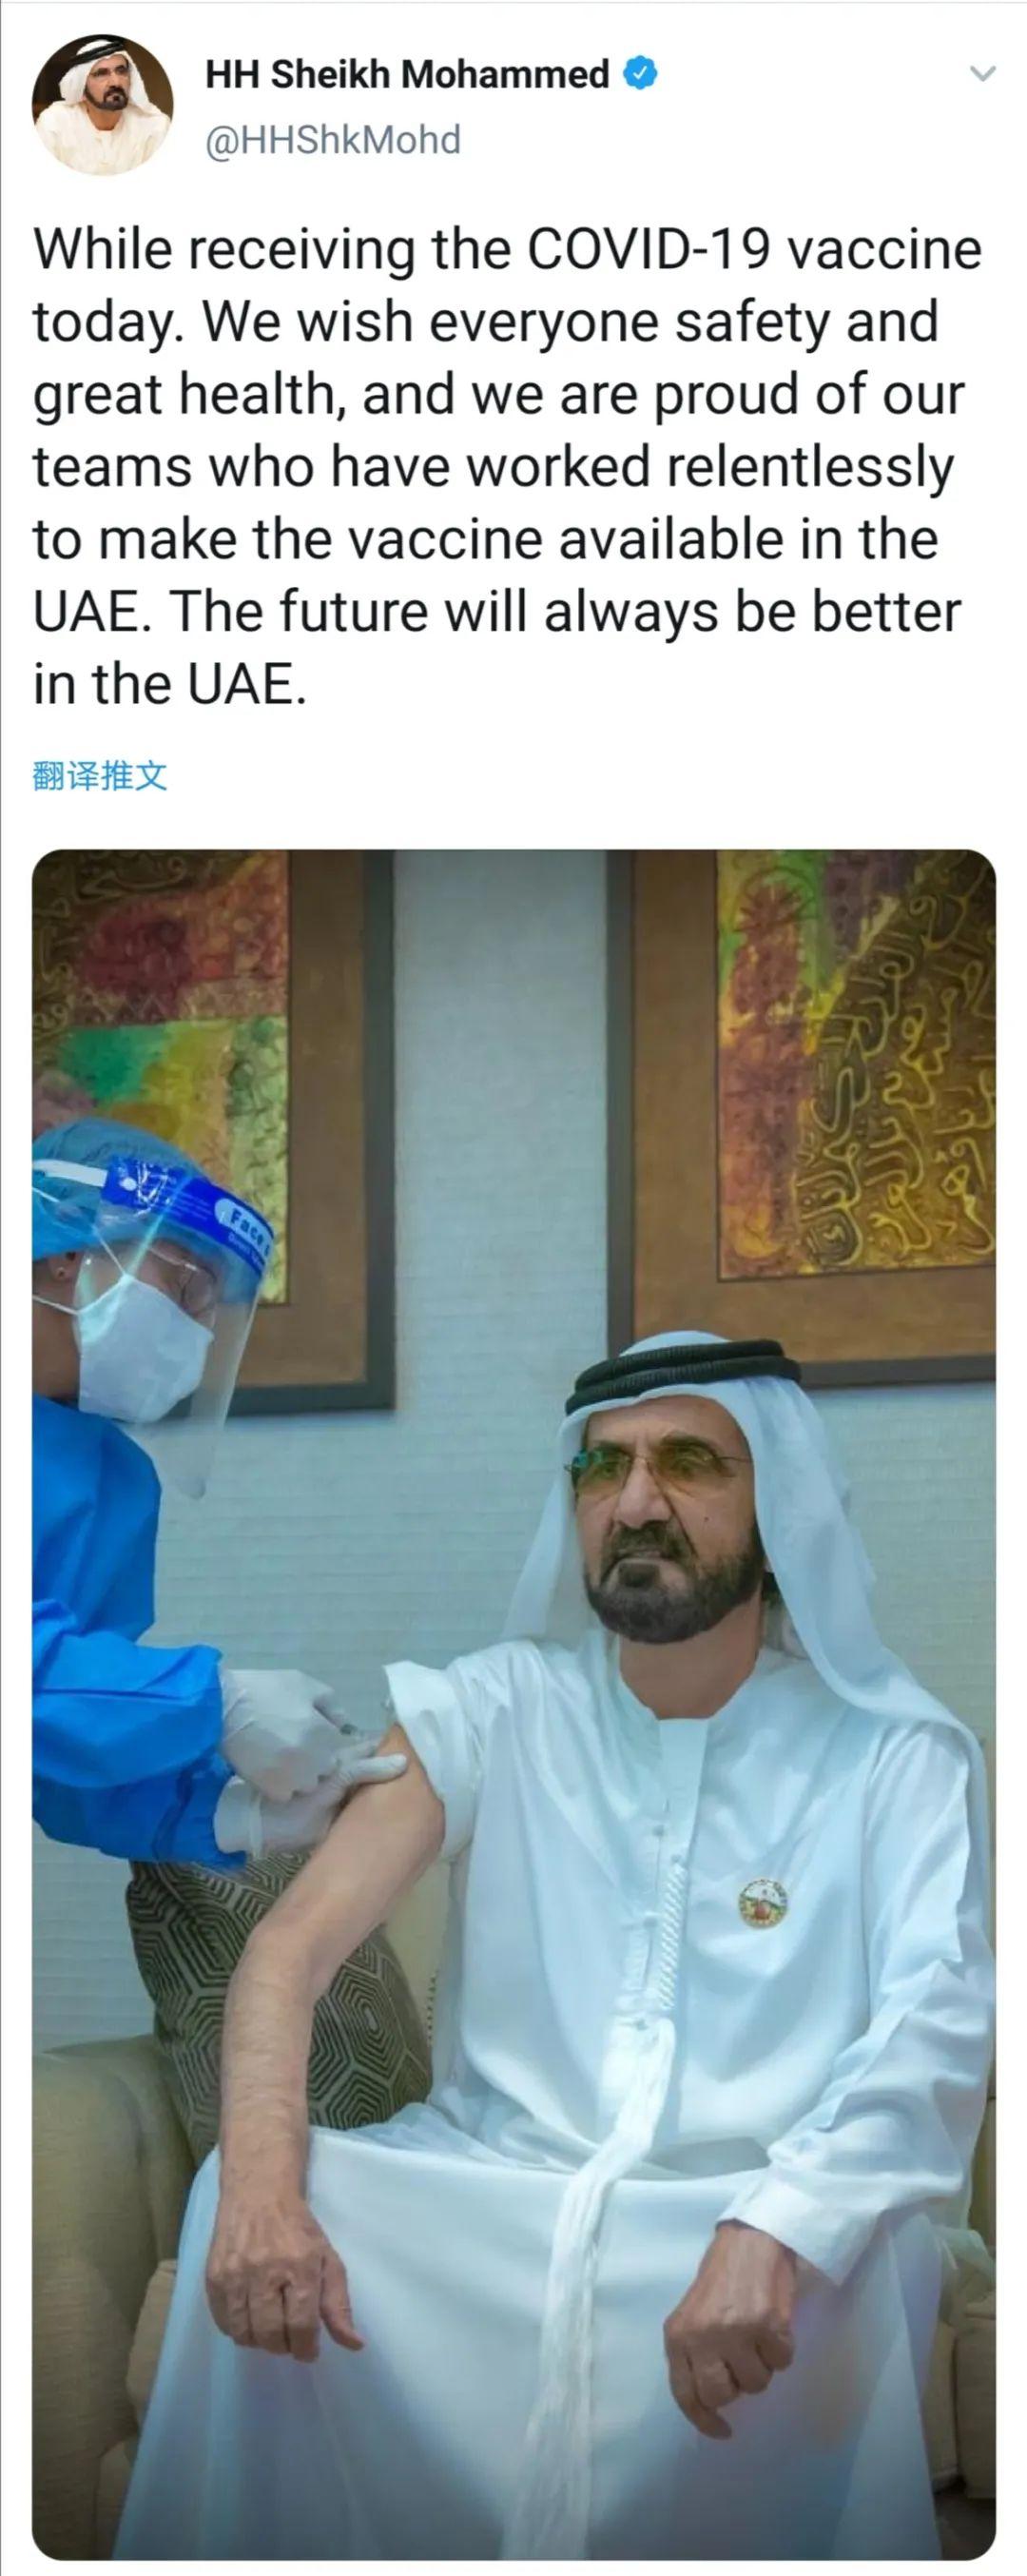 在阿勒马克图姆接种之前,已有十余名阿联酋高级官员接种了新冠疫苗。7月15日,阿布扎比卫生部长谢赫·阿卜杜拉·本·穆罕默德·艾哈迈德作为志愿者接受疫苗接种。